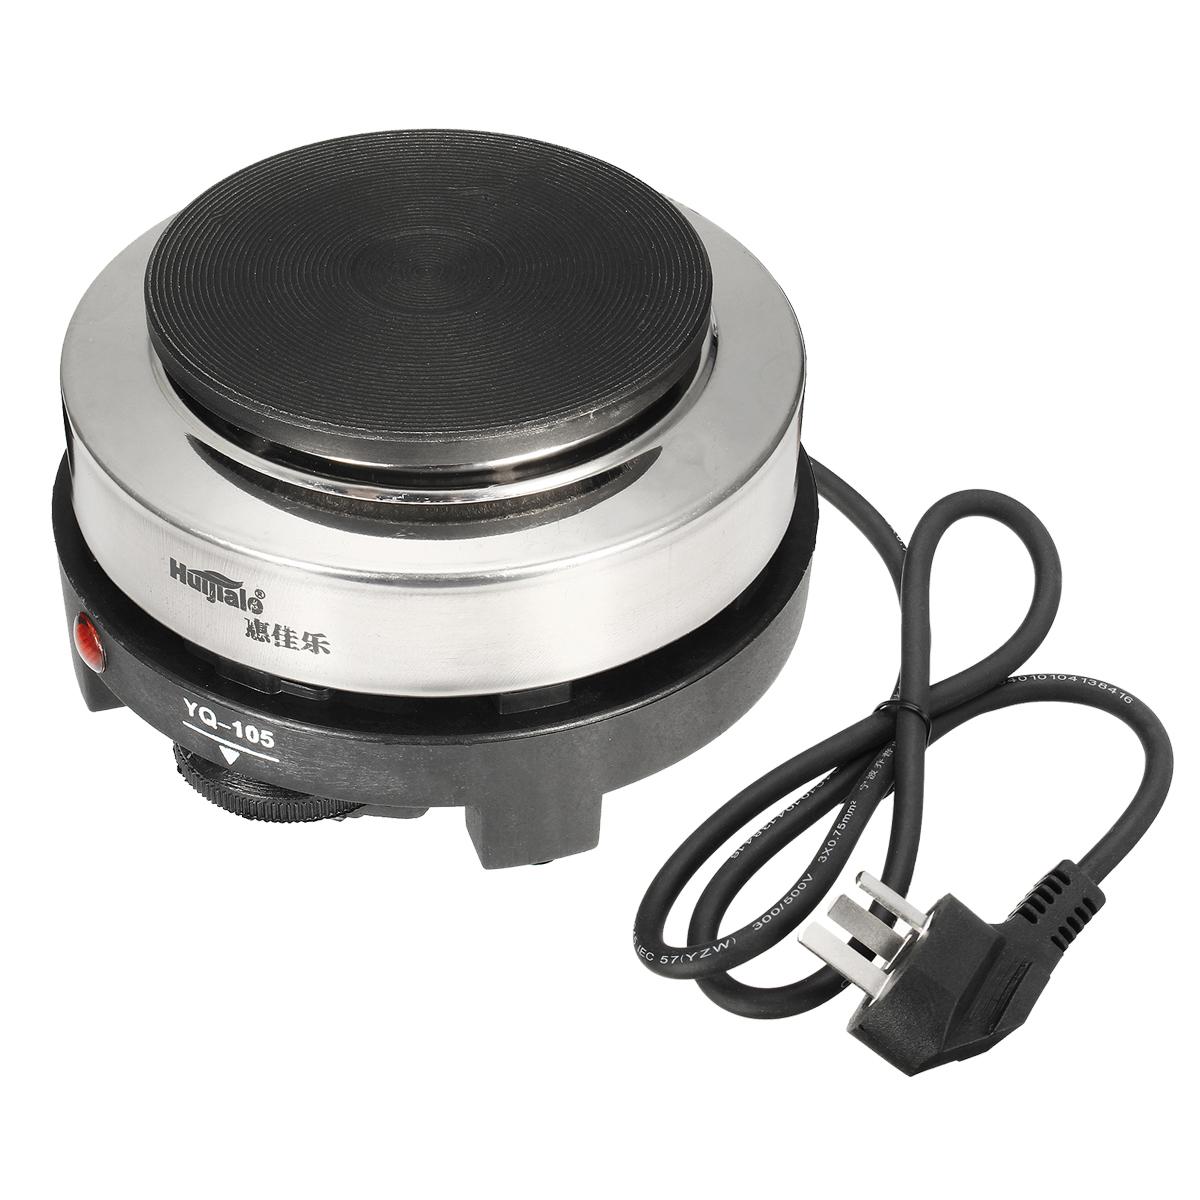 Вт Портативный Многофункциональный Электрический Мини-Отопление Плита Приготовления Плиты Кофе Нагреватель